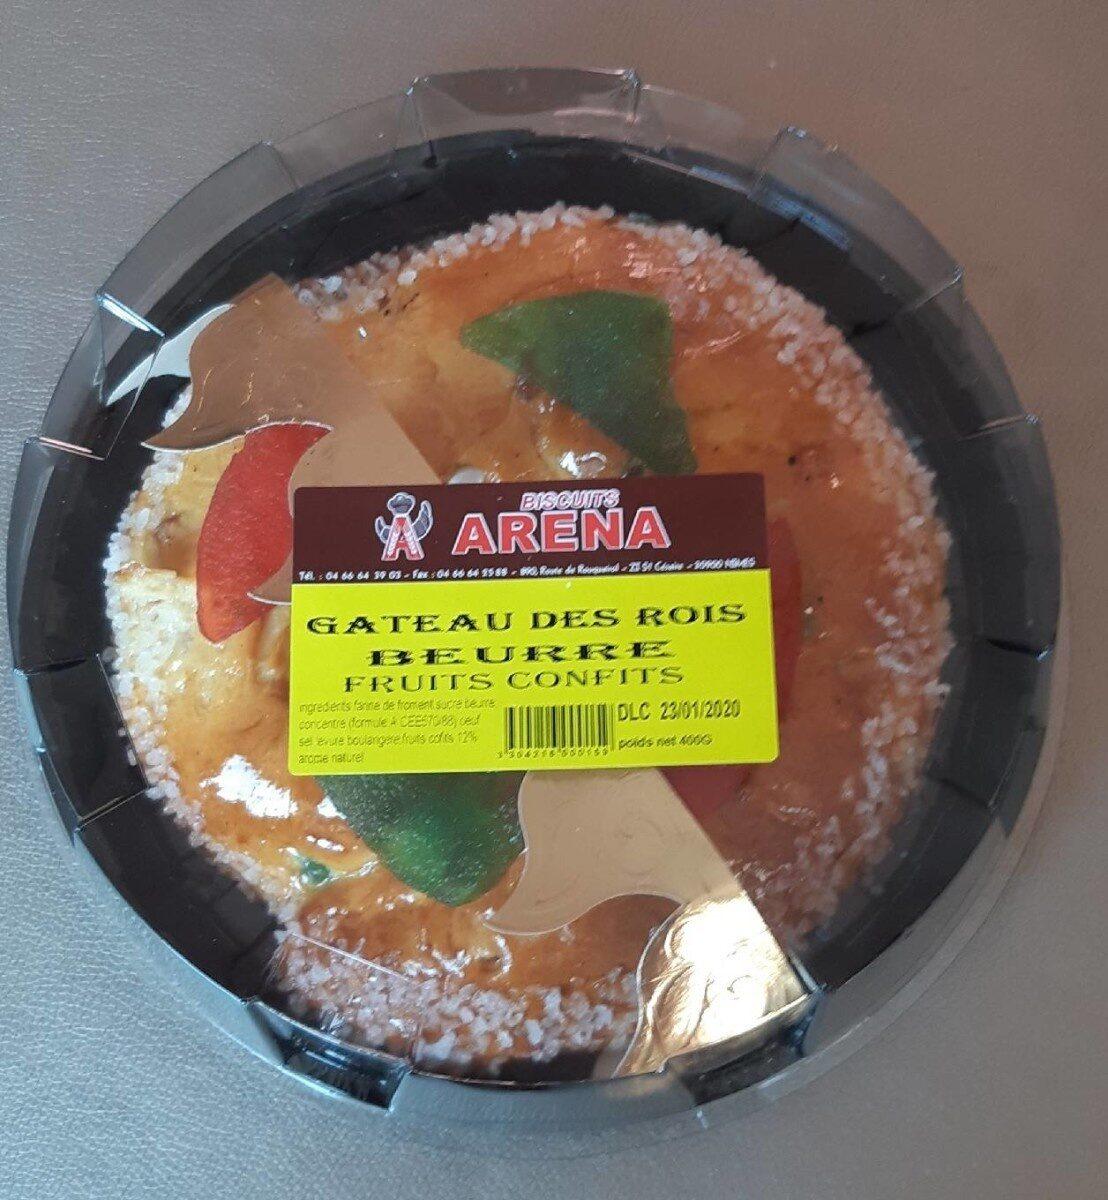 Gateau des rois beurre fruits confits - Produit